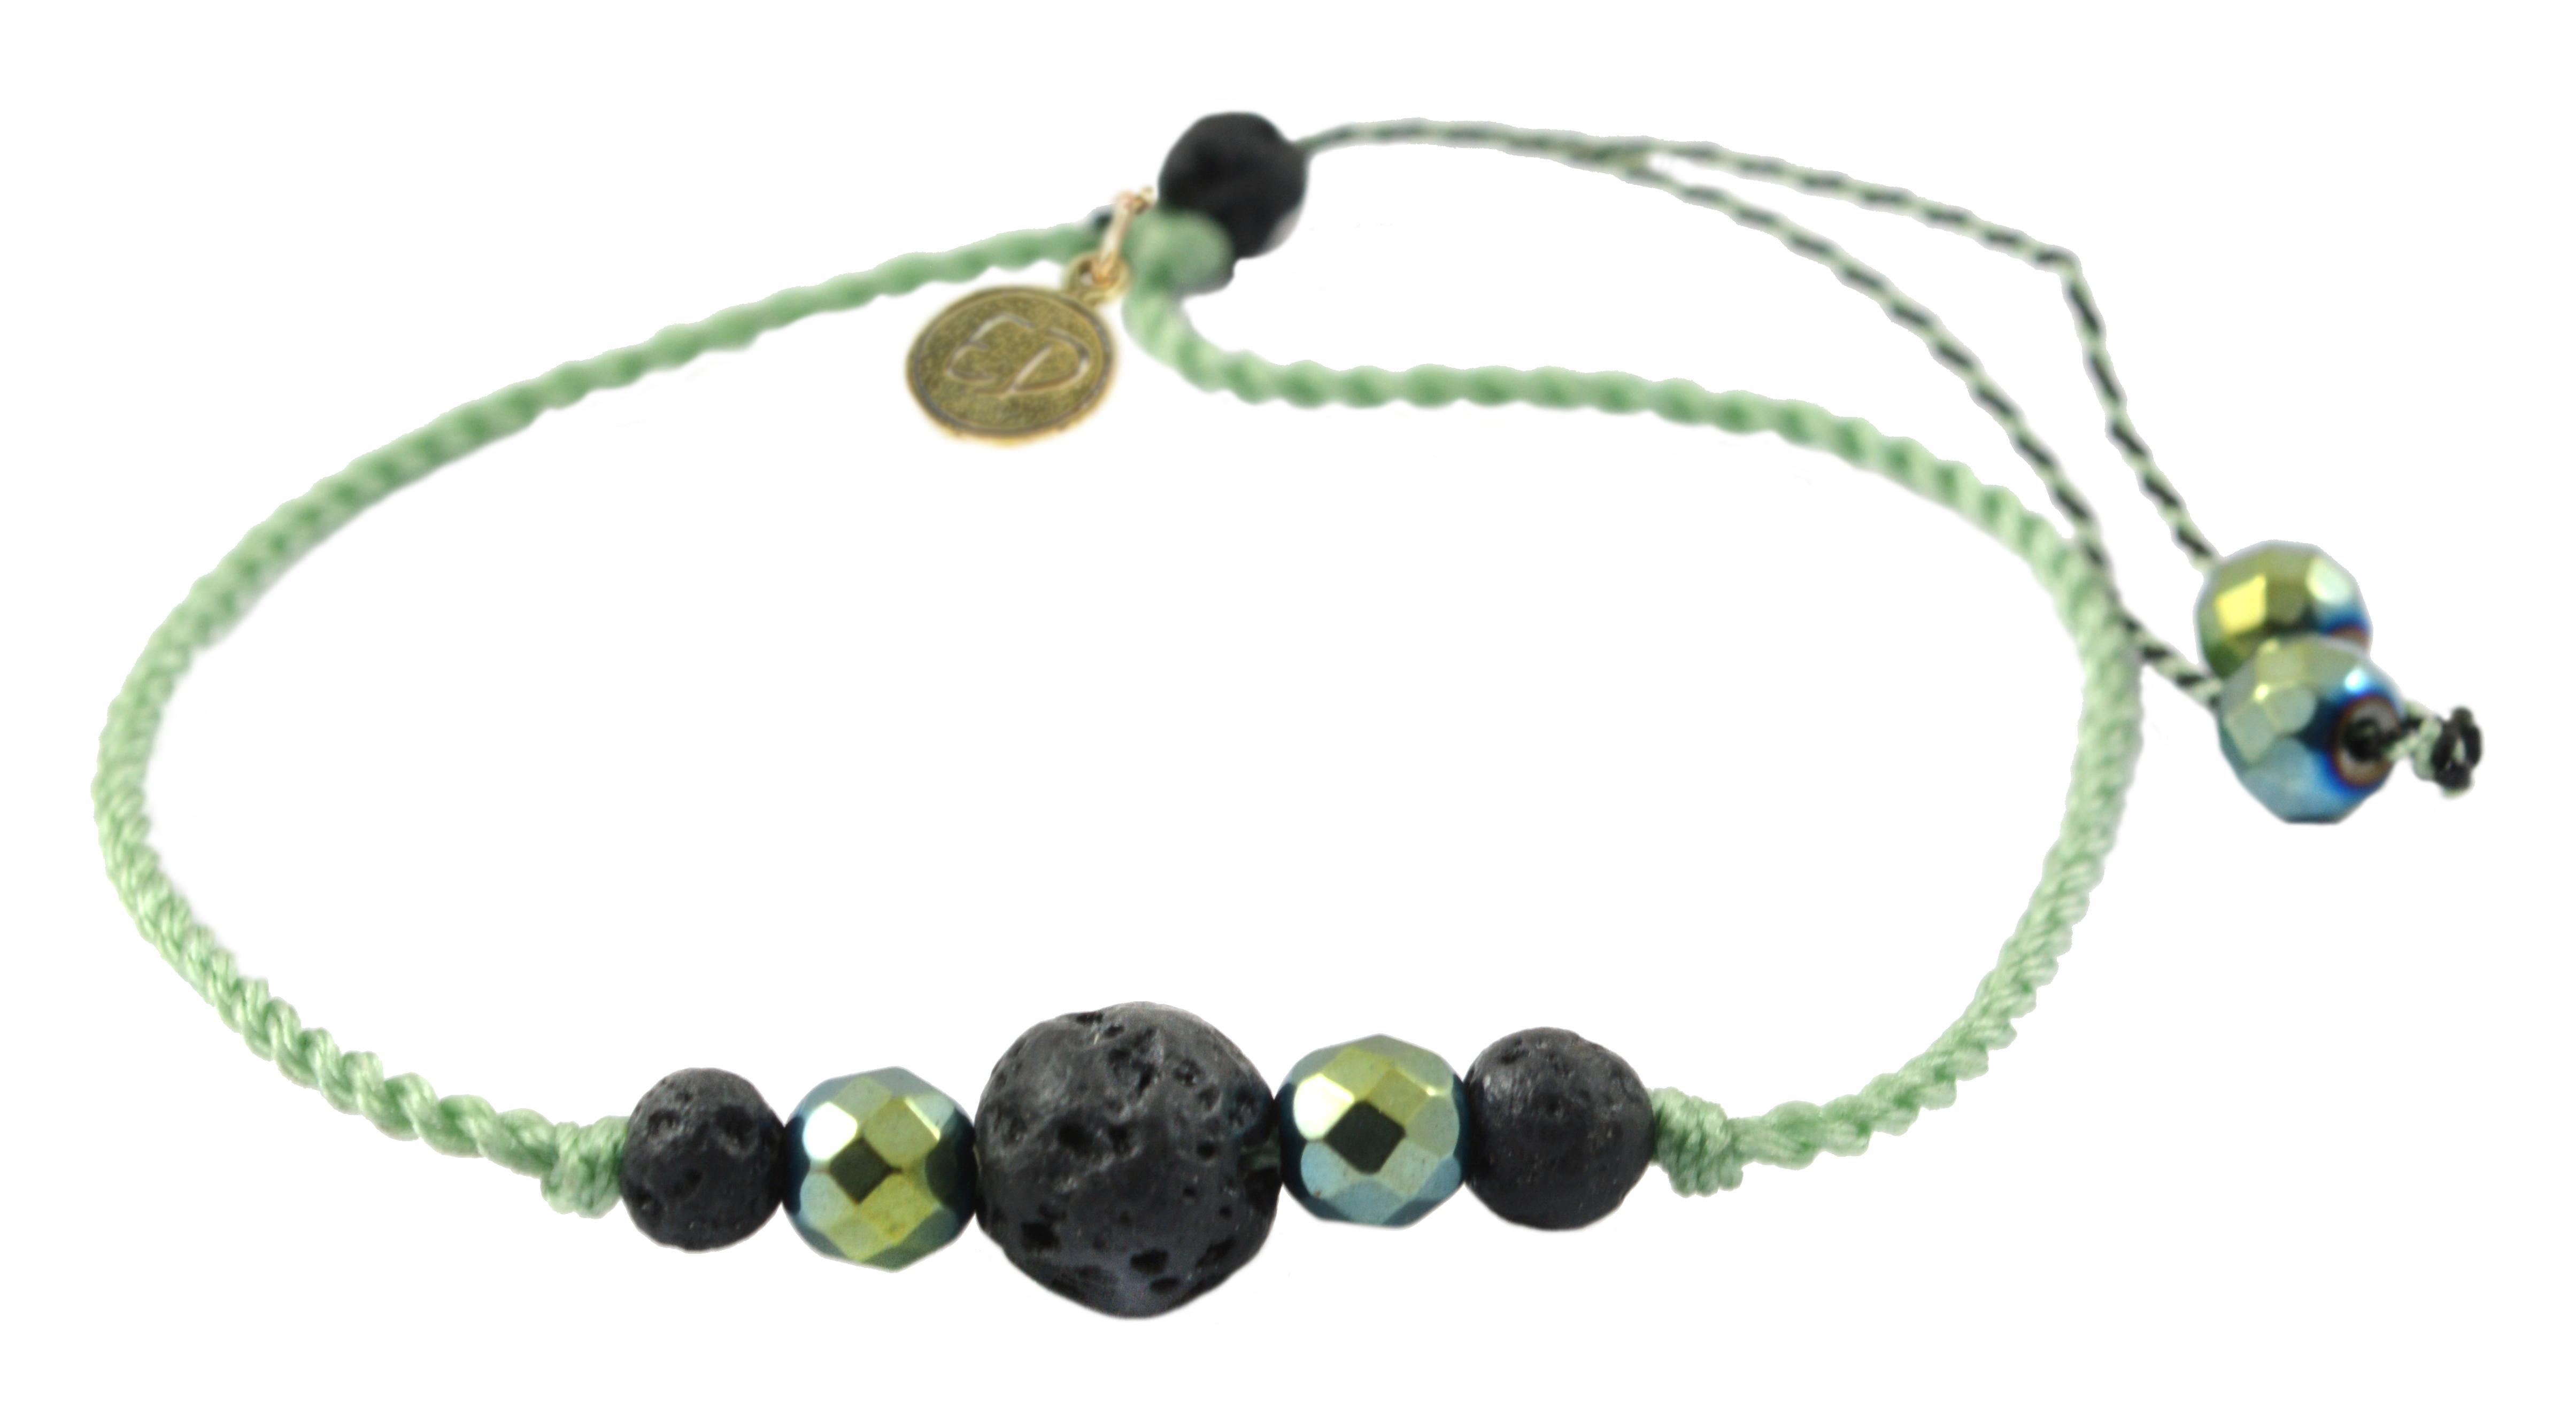 Šnúrkový náramok s lávovým kameňom a hematitom - zelený